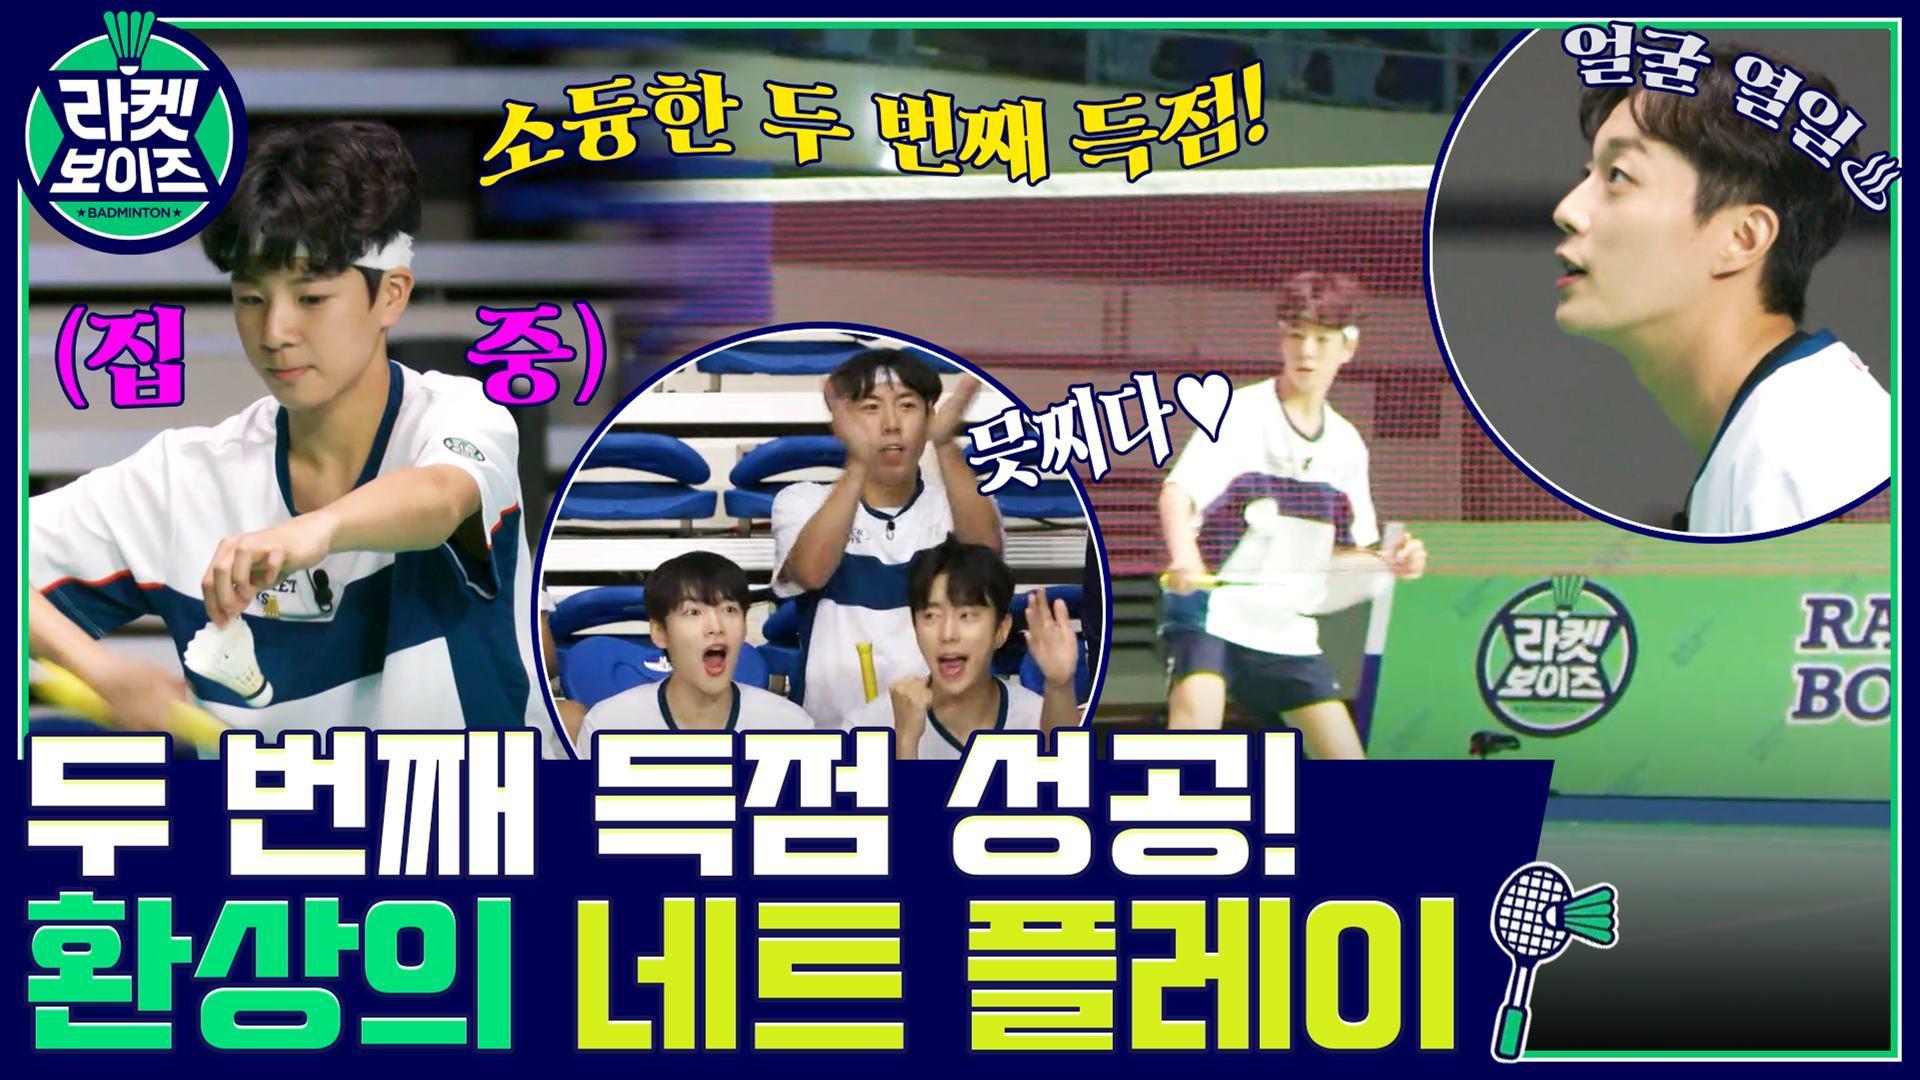 나이스~!! 두 번째 득점을 따낸 정동원과 윤두준의 네트 플레이 | tvN 211018 방송